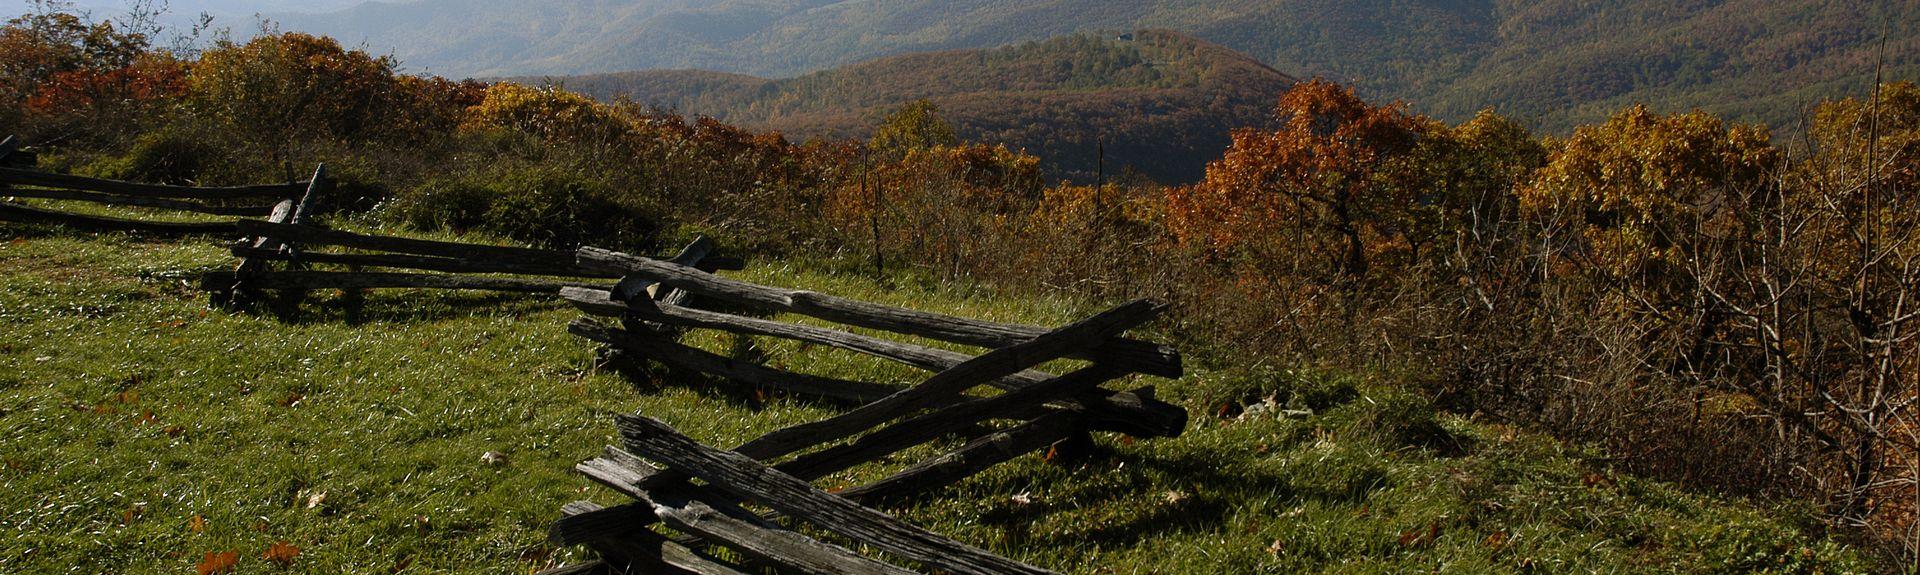 Wintergreen, Virgínia, Estados Unidos